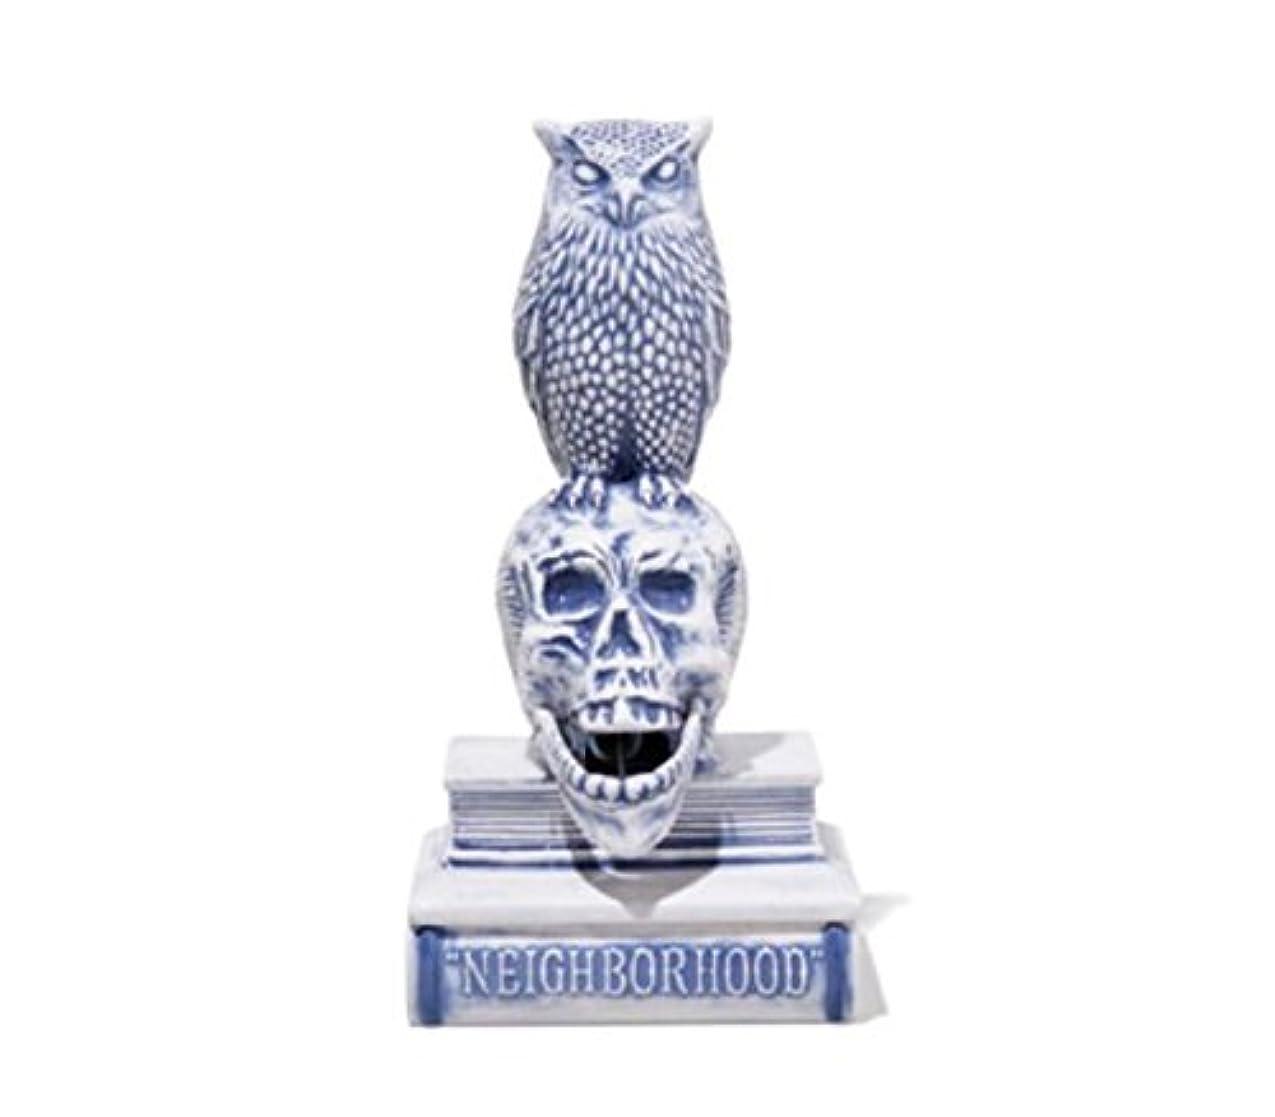 再発する定規コマース18SS NEIGHBORHOOD OWL-B / CE-INCENSE CHAMBER お香立て